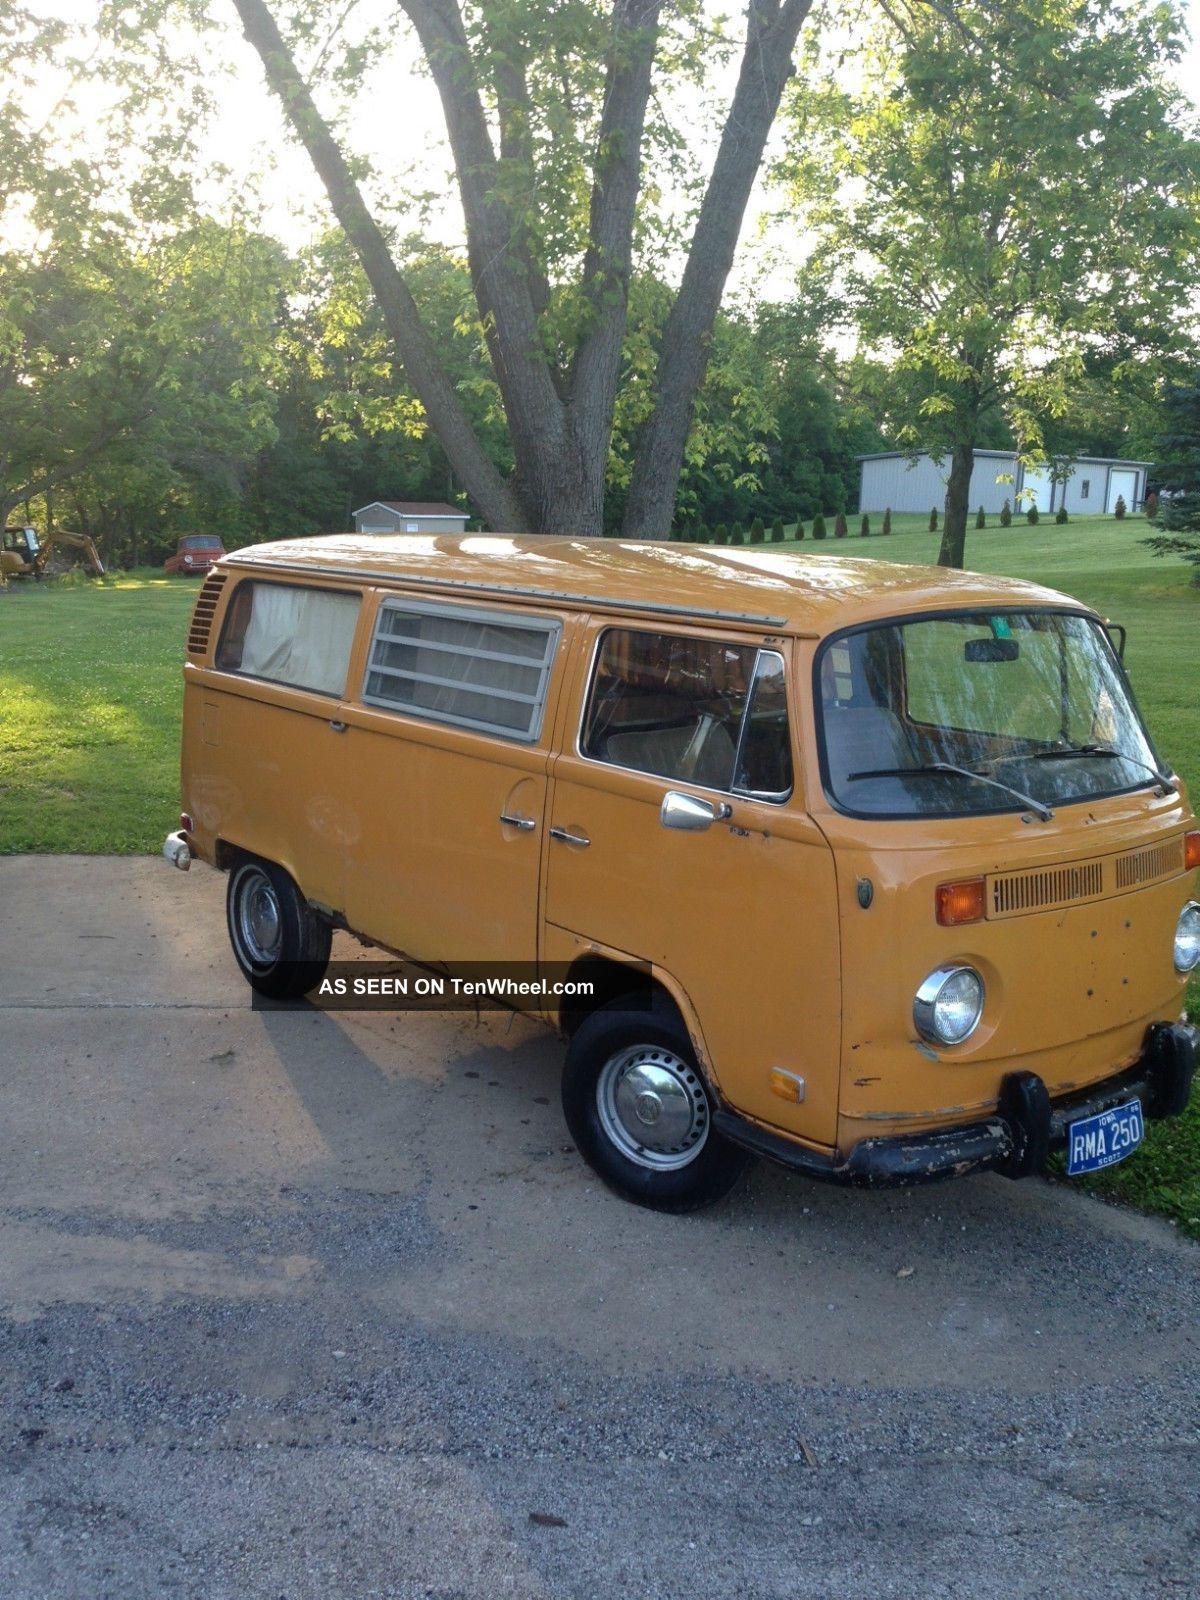 1972 Vw Westfalia Camper Van Weekender Dometic Fridge Volkswagen Sink Pancake Bus/Vanagon photo